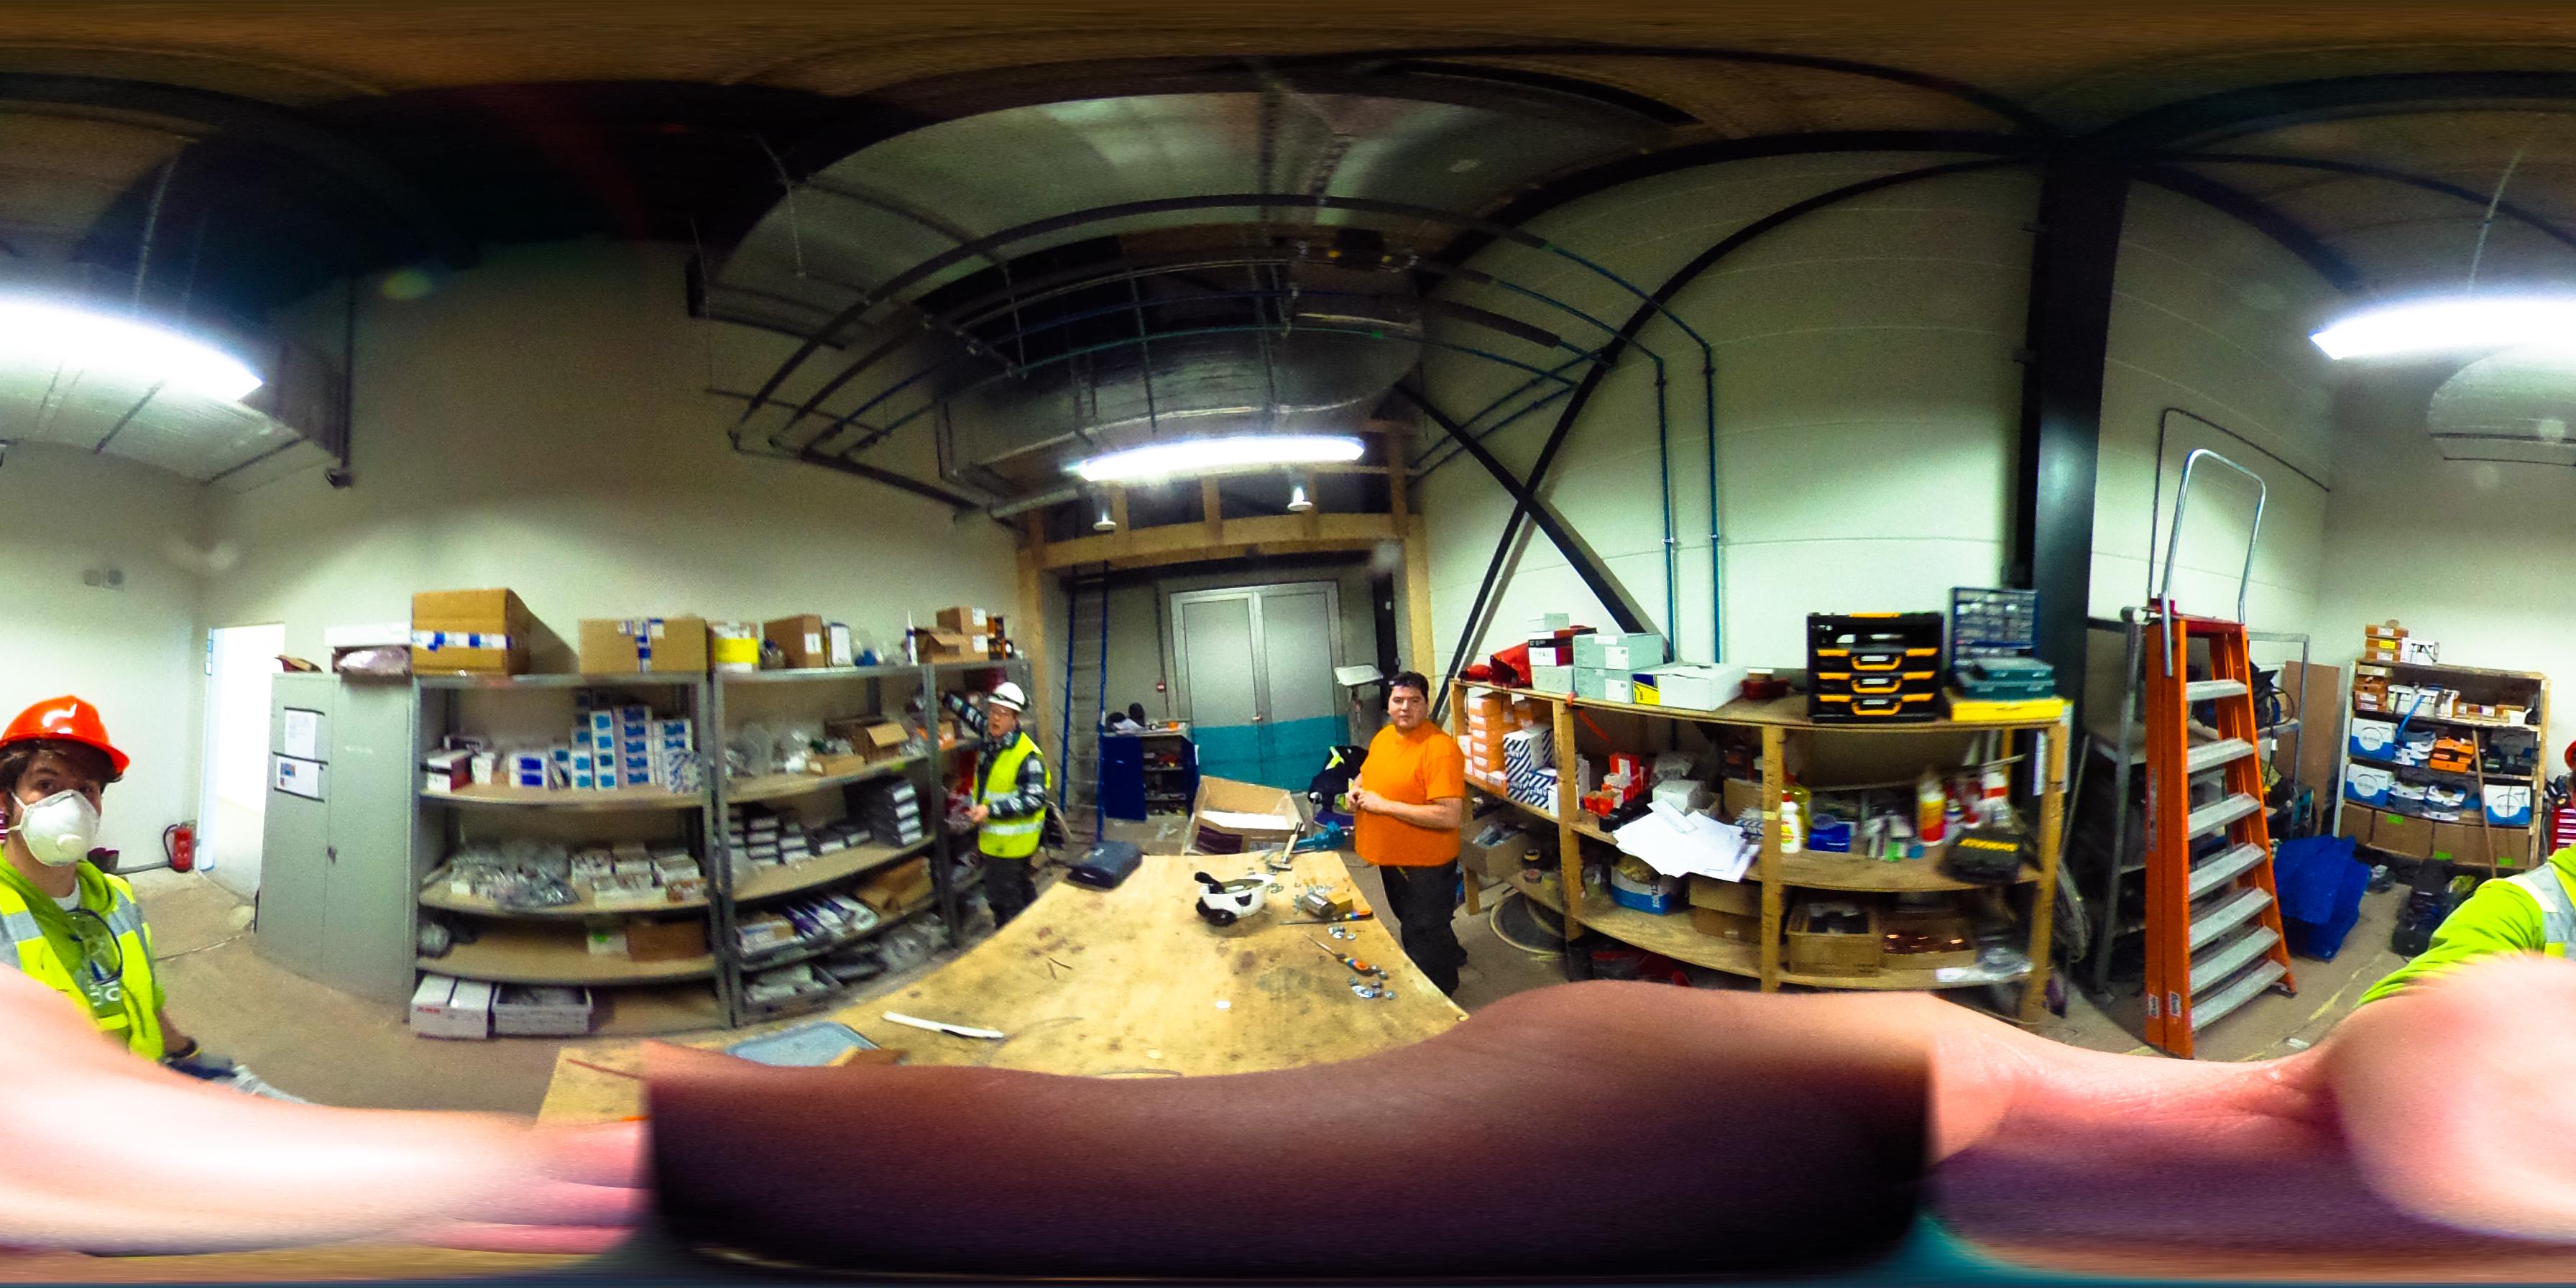 werkplaats electro te swifterbant door jeffrey wakanno 360 graden opname met ricoh theta